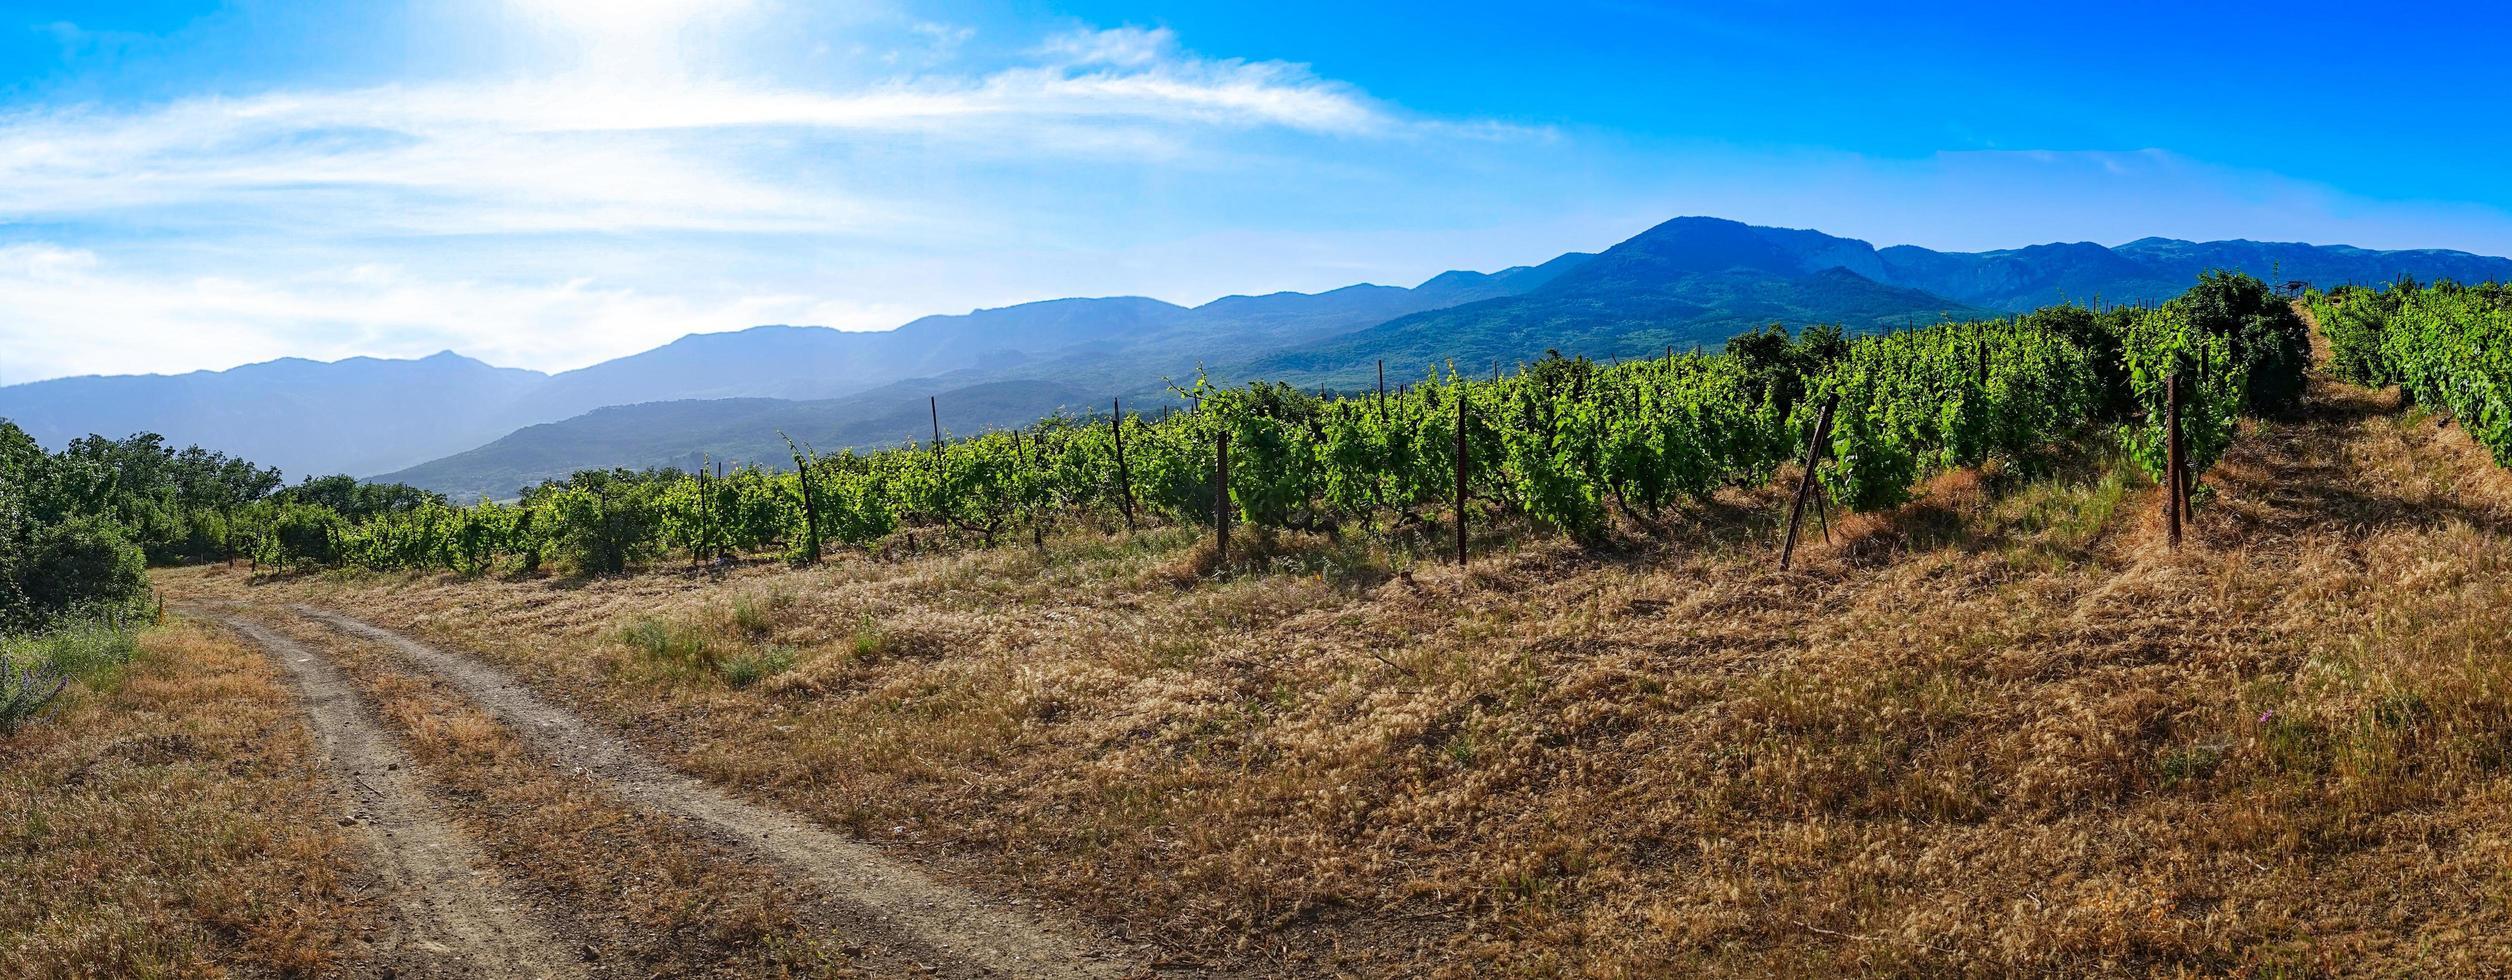 panorama över det naturliga landskapet med vägen. foto